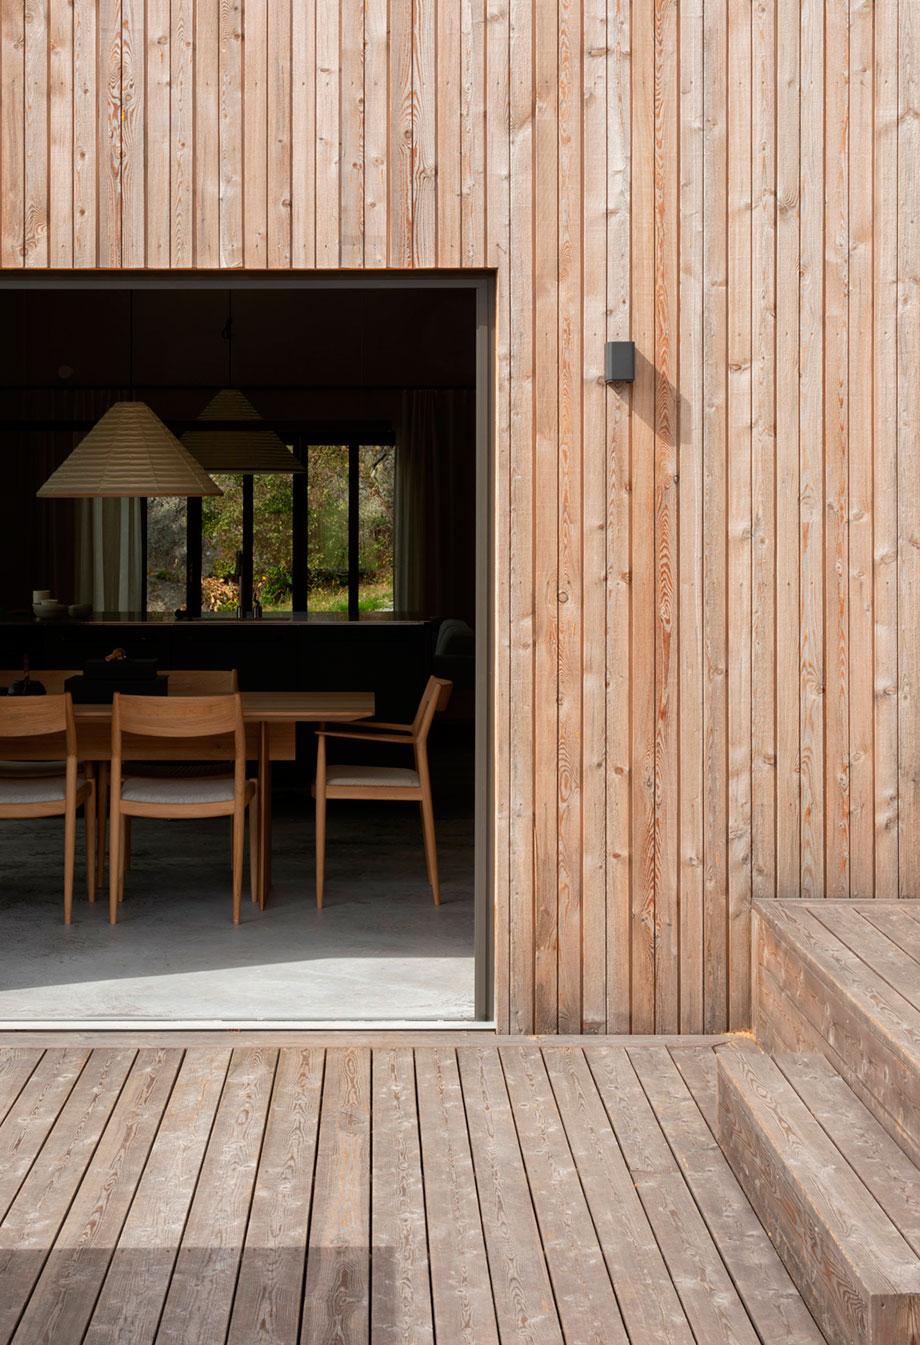 archipielago house de norm architects (26) - foto jonas bjerre-poulsen